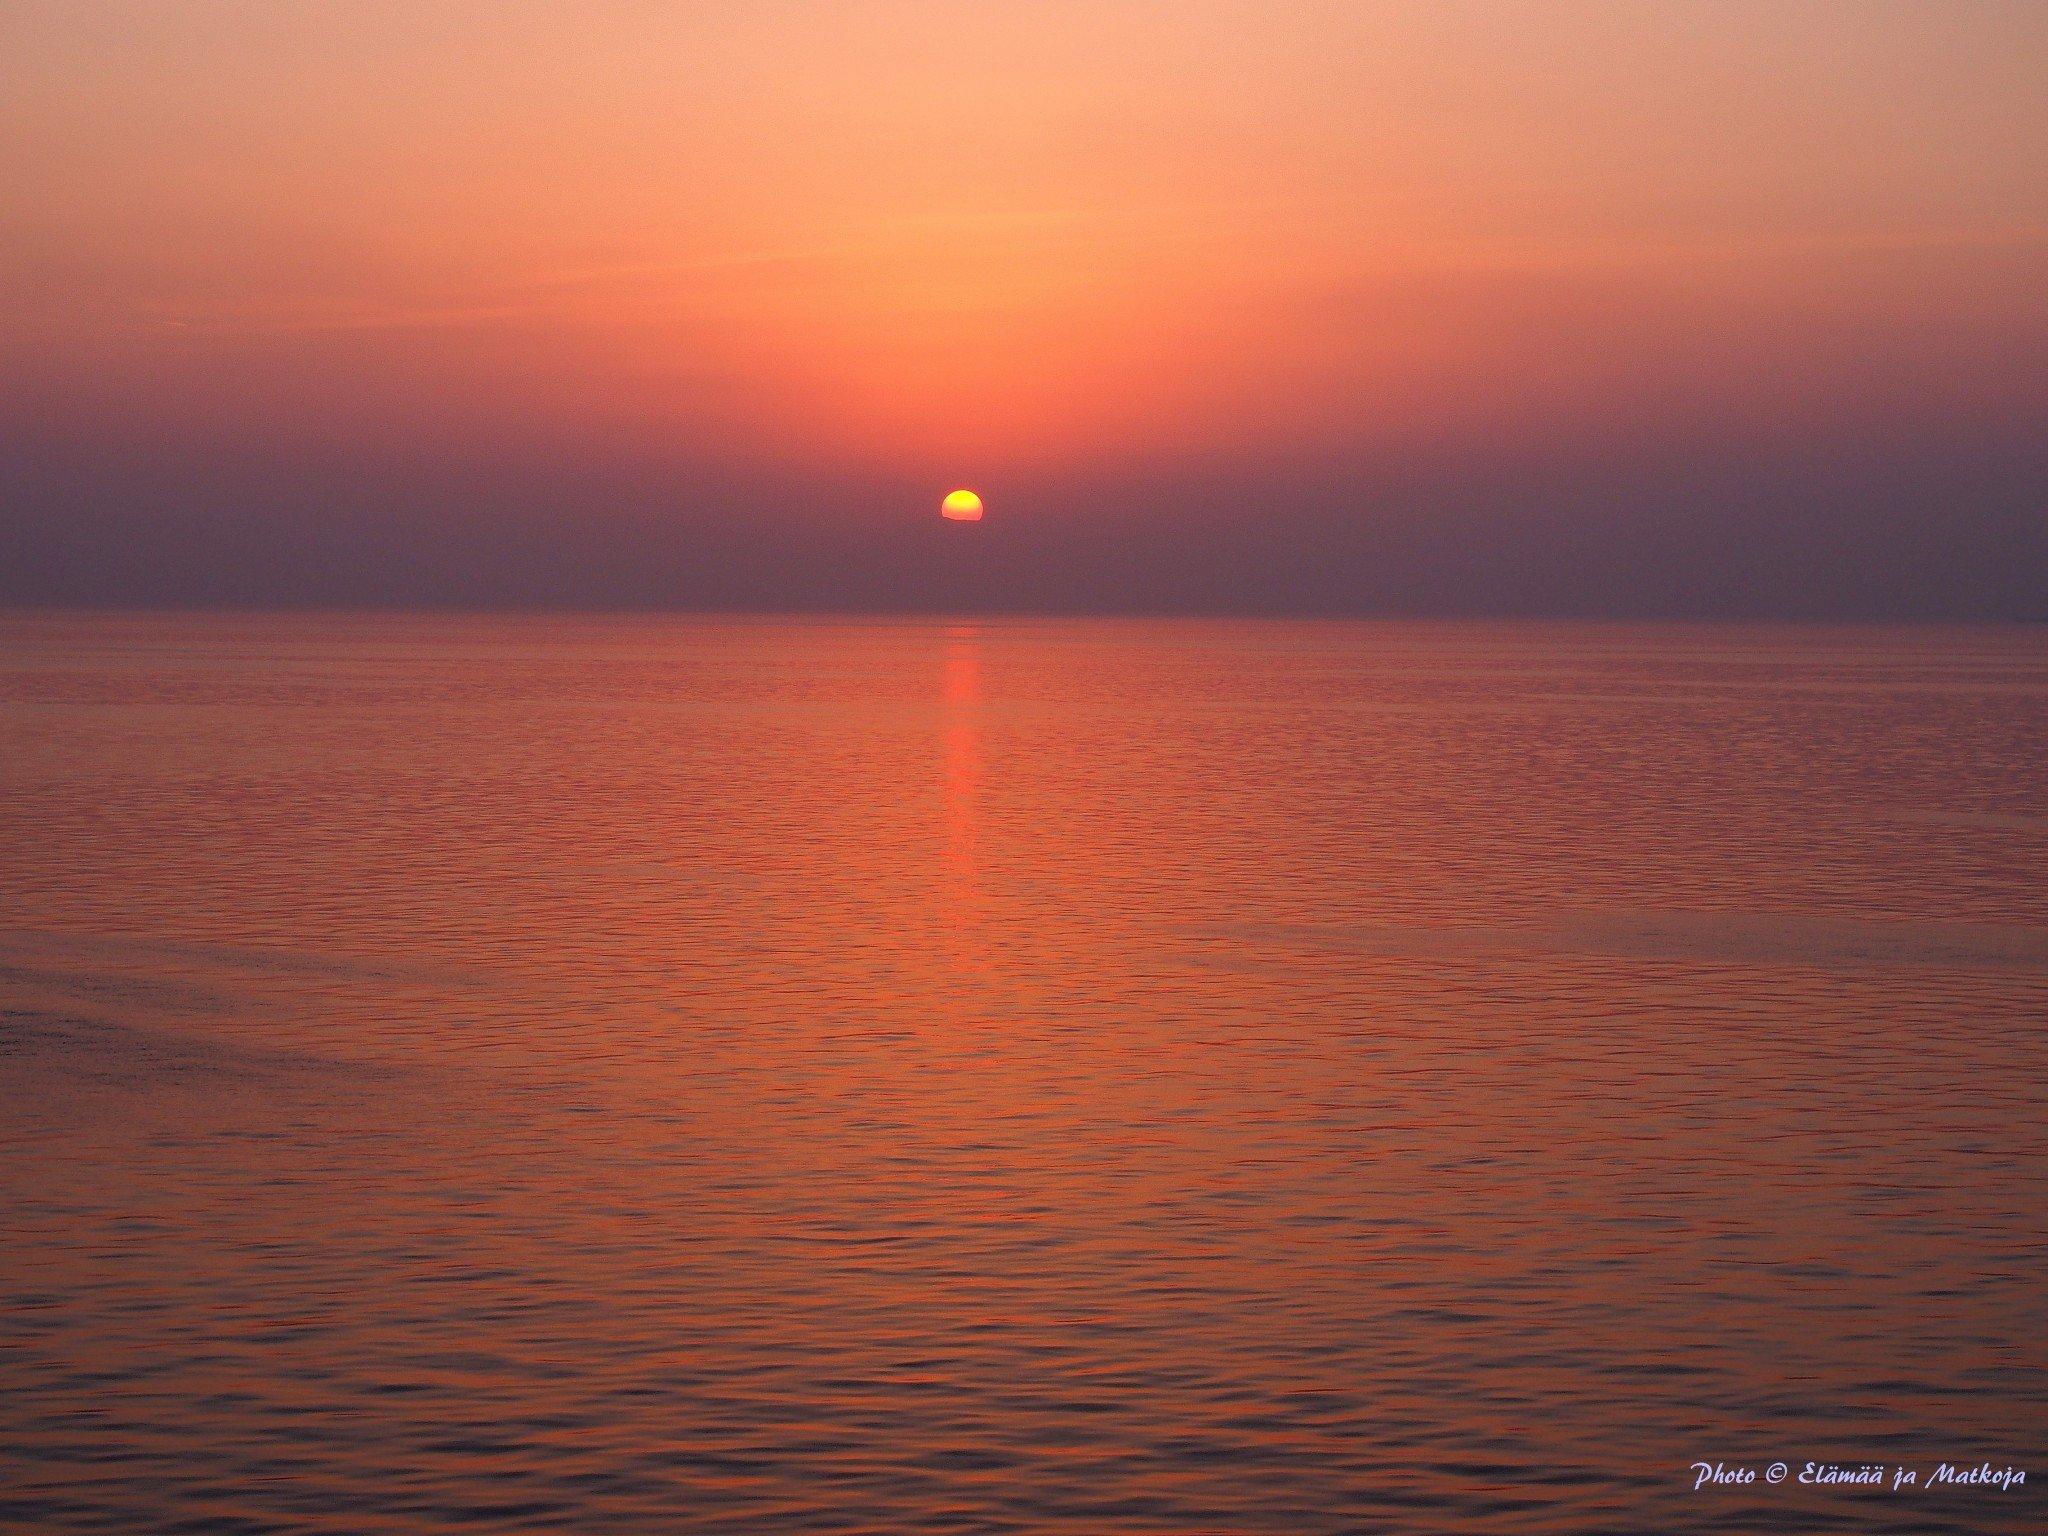 Nämä maagiset auringonlaskut ovat jo hyvä syy lähteä risteilemään! Photo © Elämää ja Matkoja